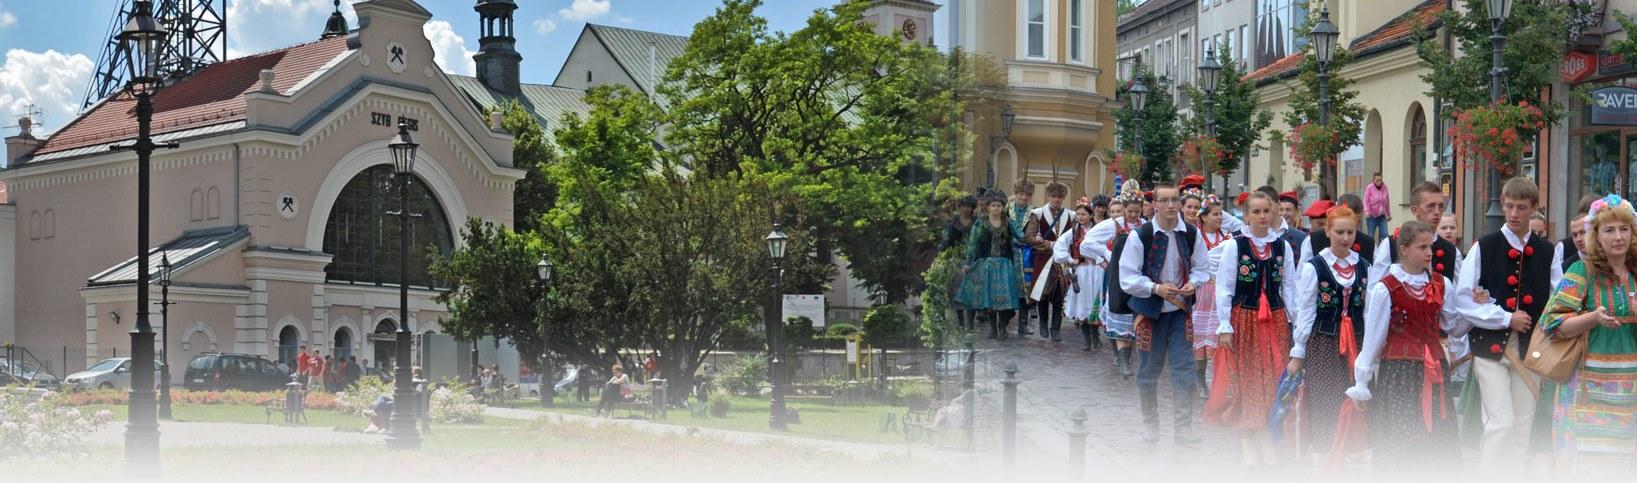 Фото з офіційного сайту м.Величка